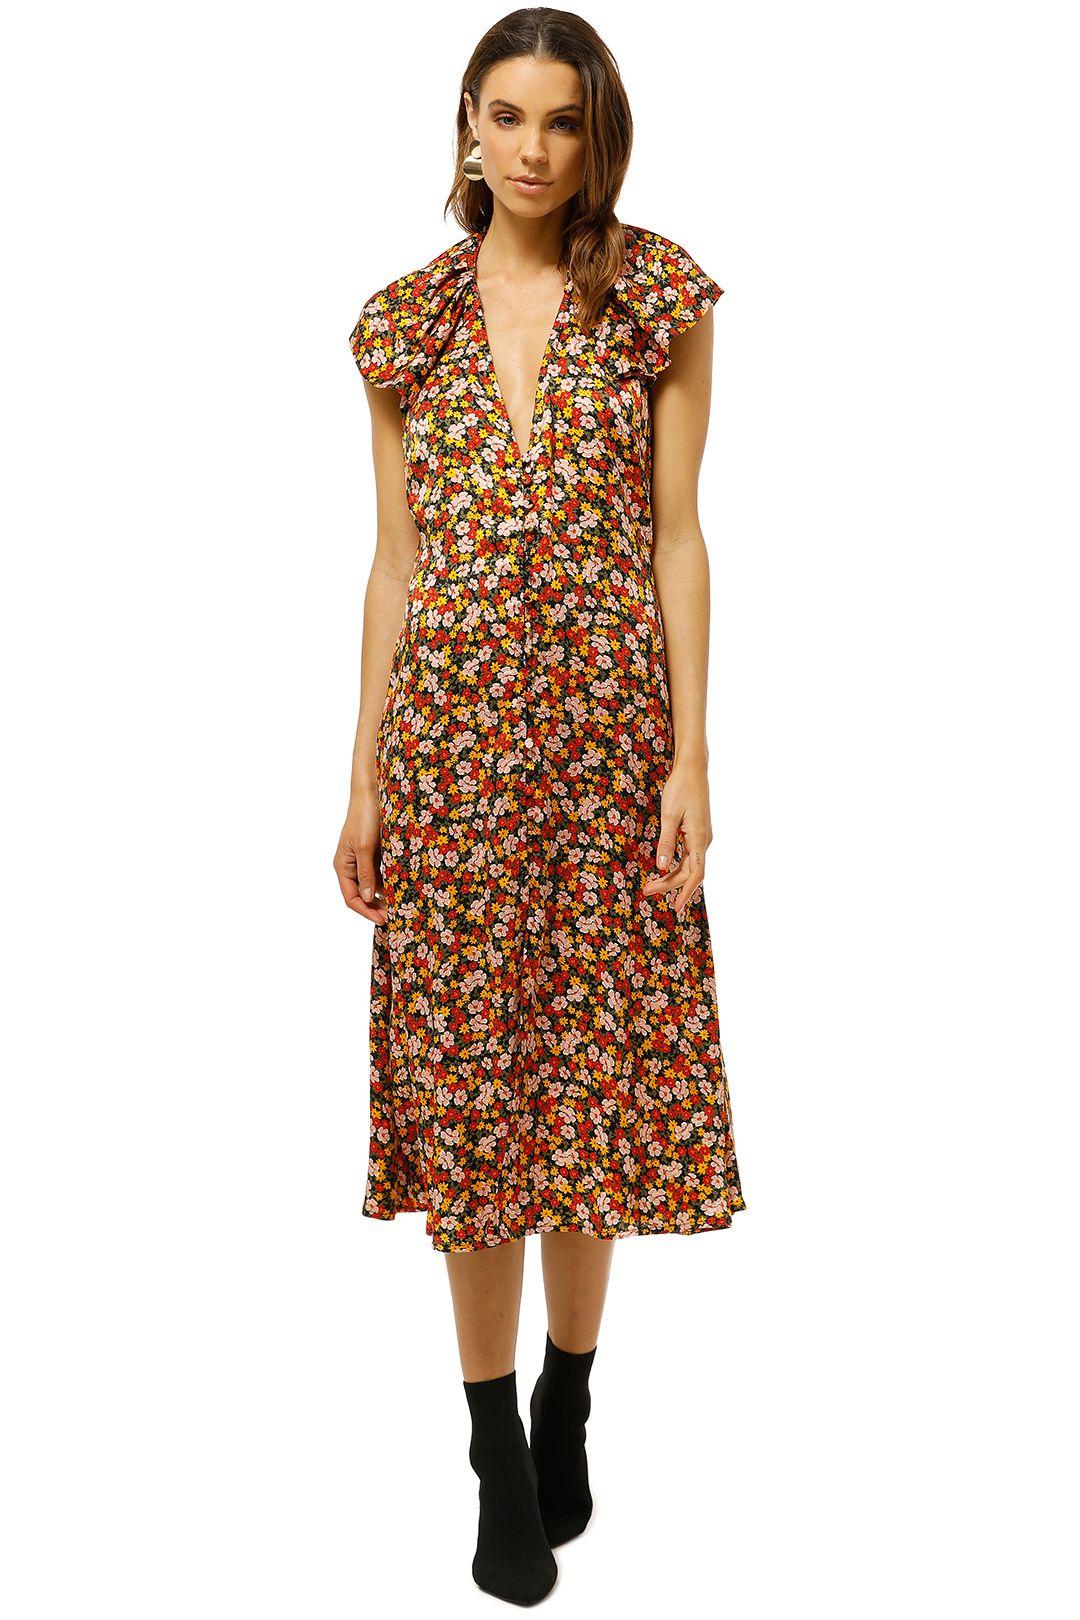 Bec+Bridge-New-Romantics-Midi-Dress-Floral-Front